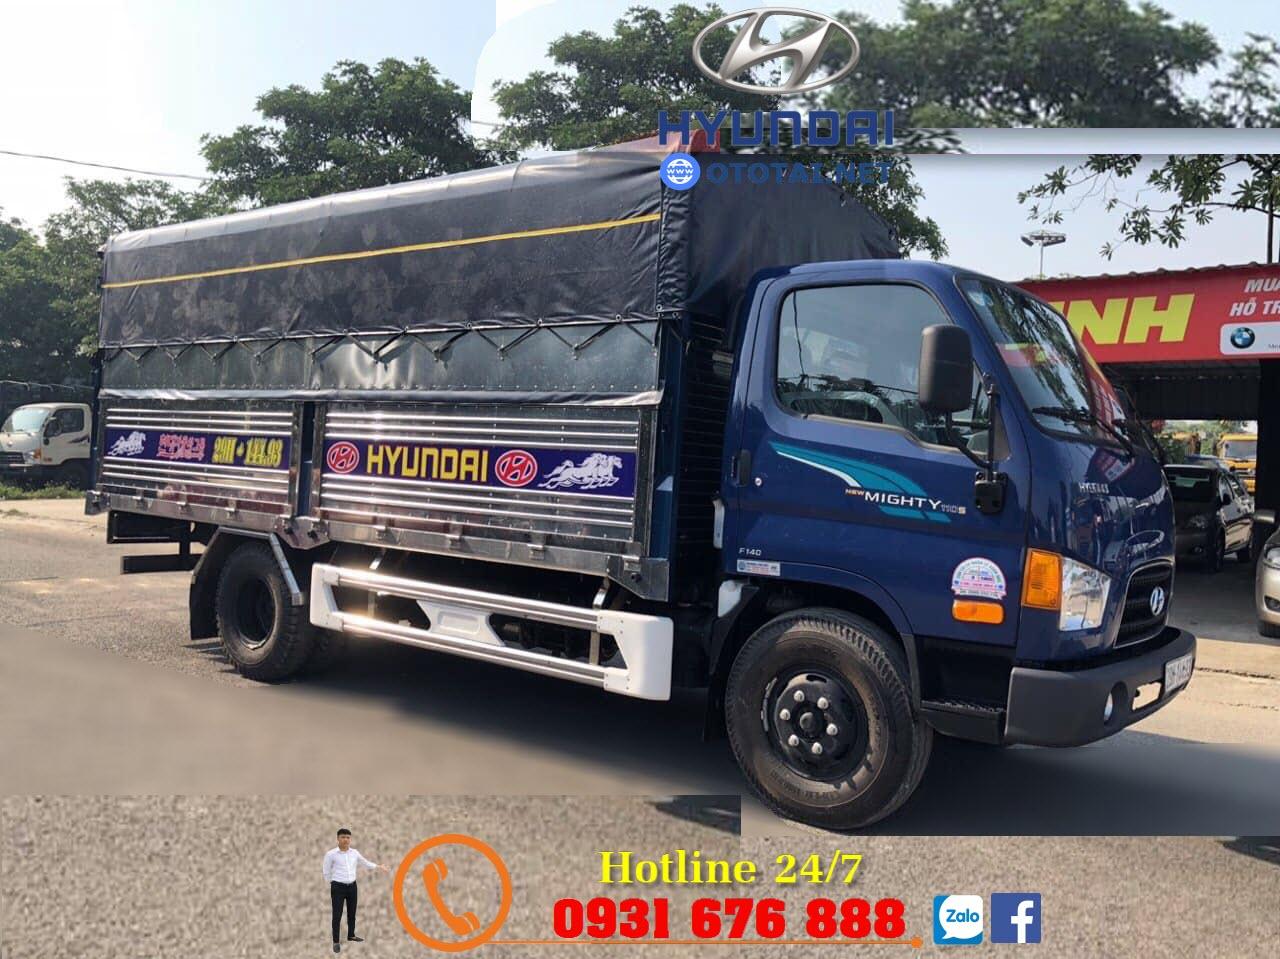 xe hyundai mighty 110s đóng thùng inox